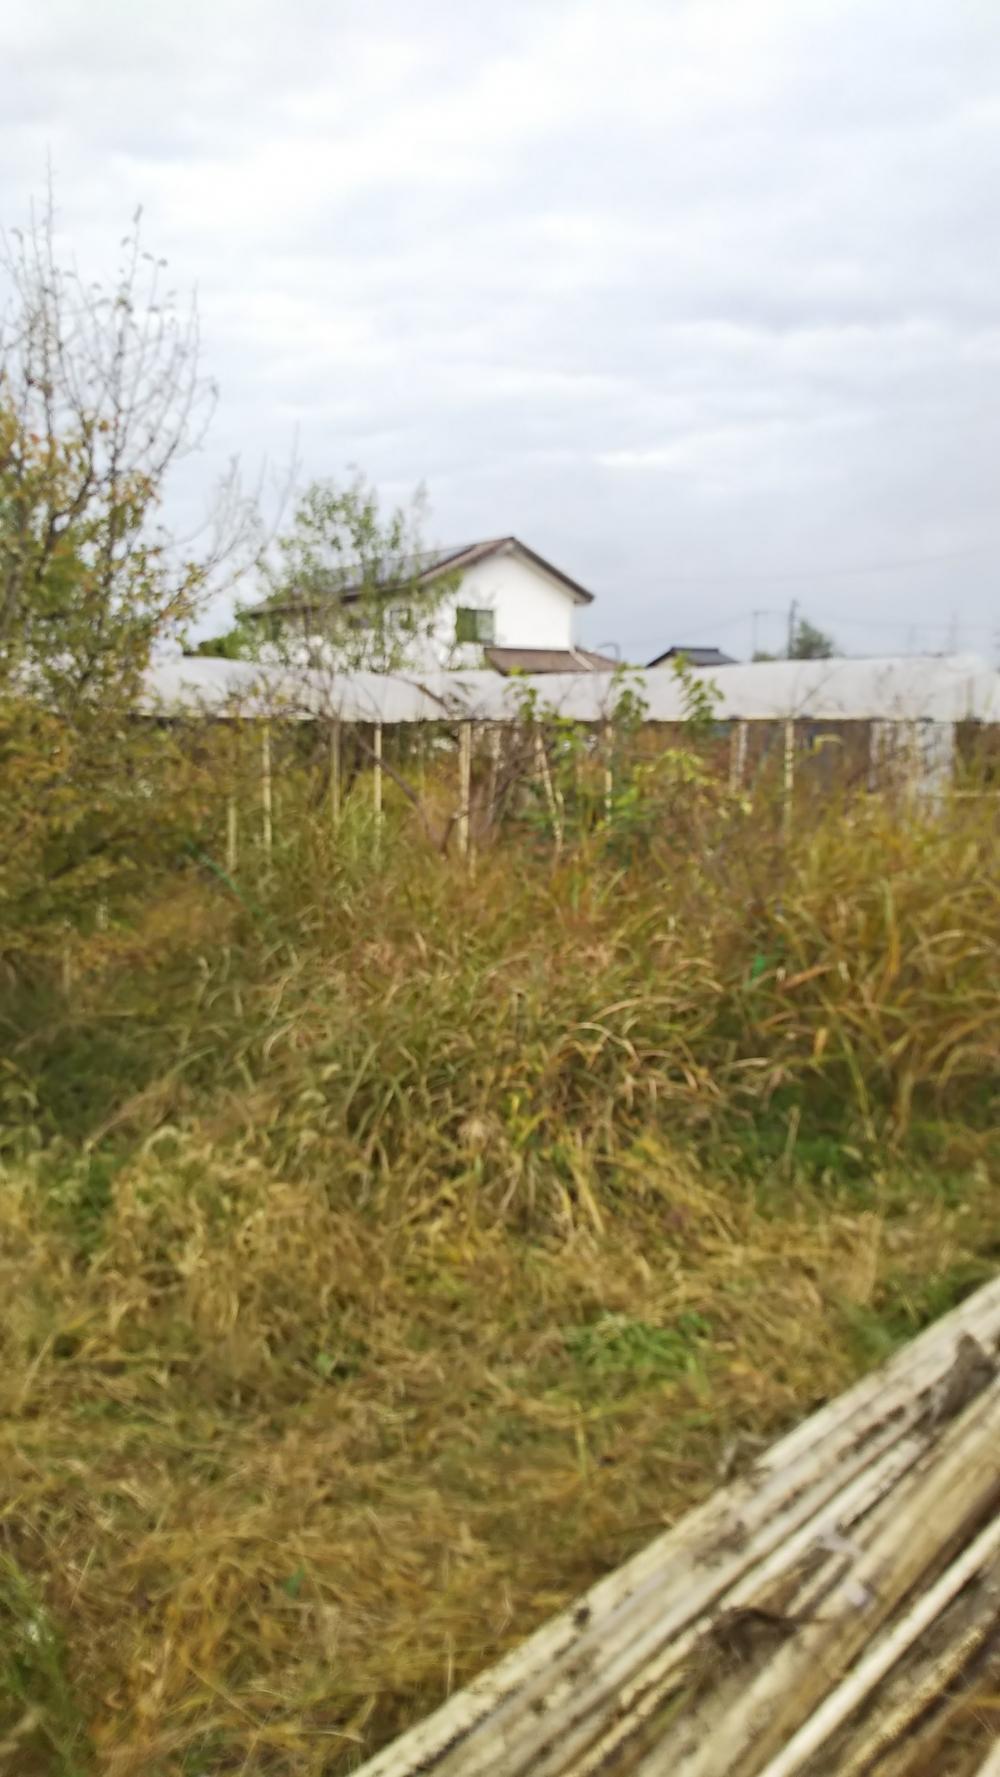 草刈り、鉄棒ハウス解体作業 やくだち隊